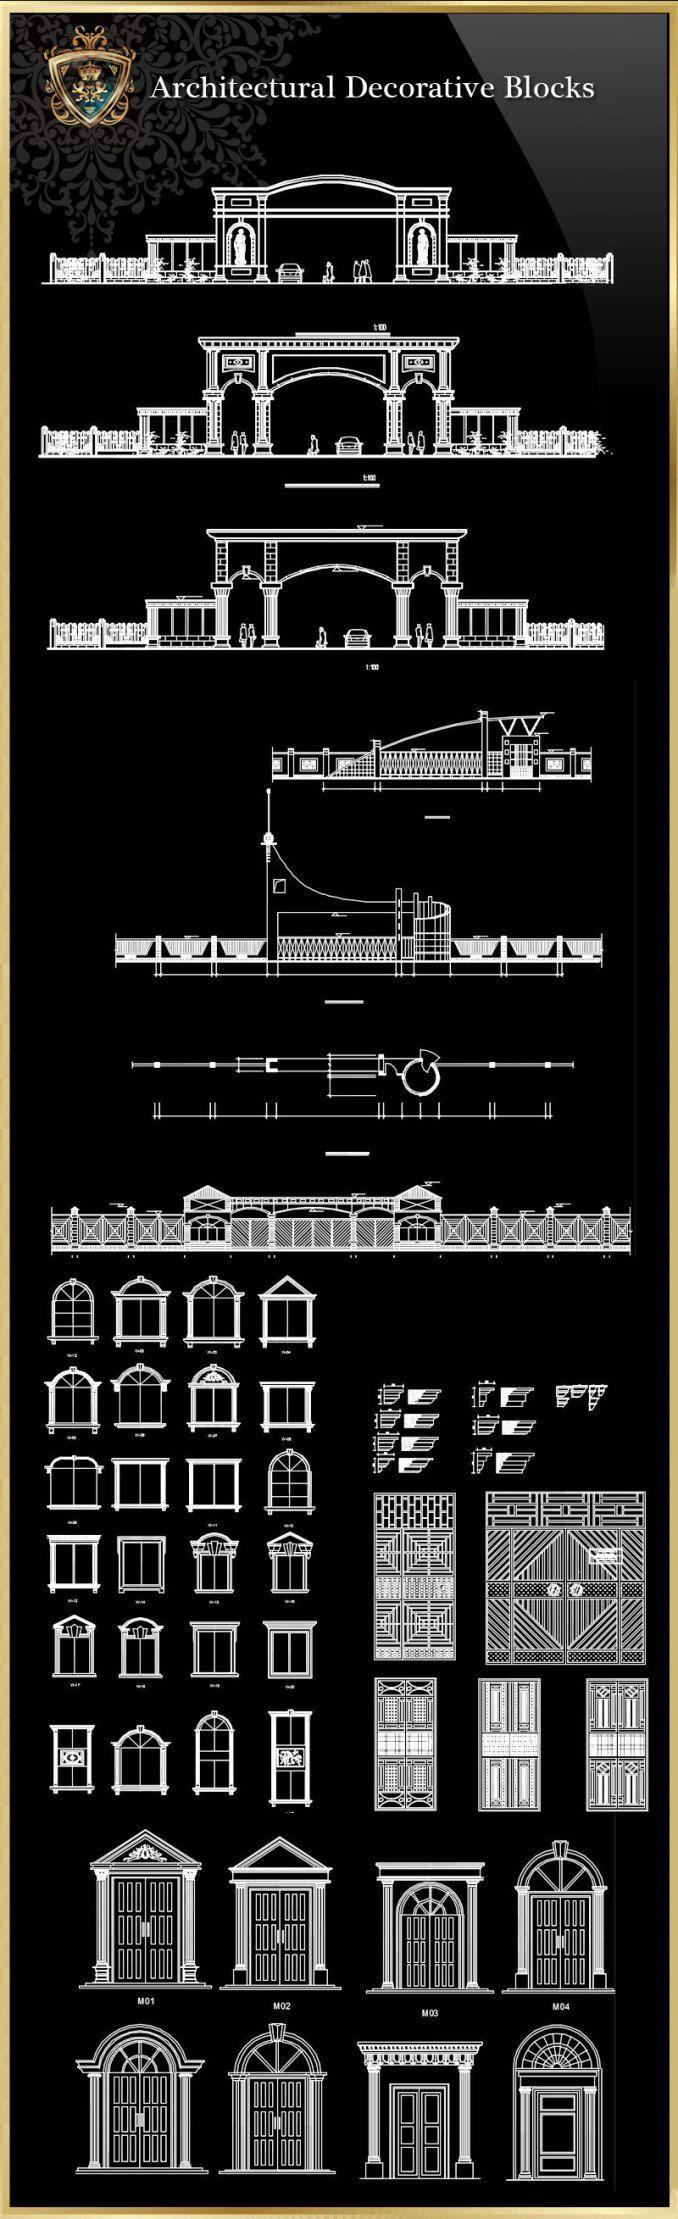 Architektonische dekorative Blöcke | FREE CAD BLOCKS & ZEICHNUNGEN DOWNLOAD CENTER